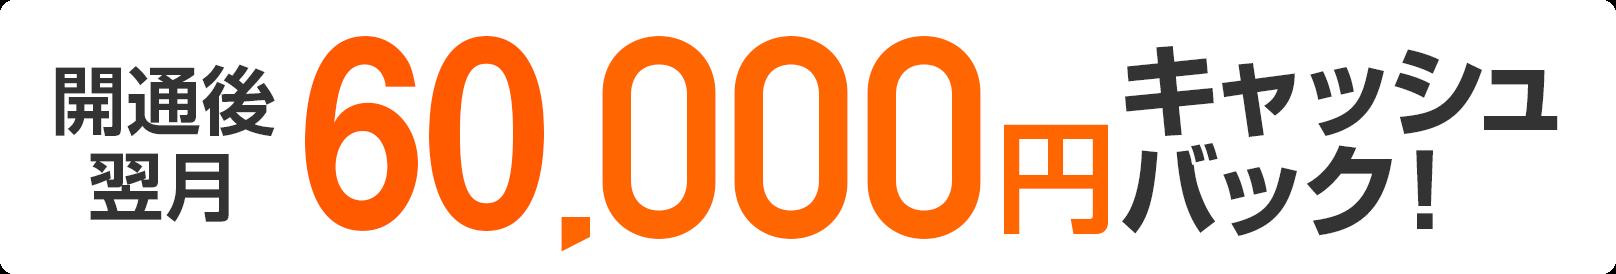 開通後翌月60,000キャッシュバック!